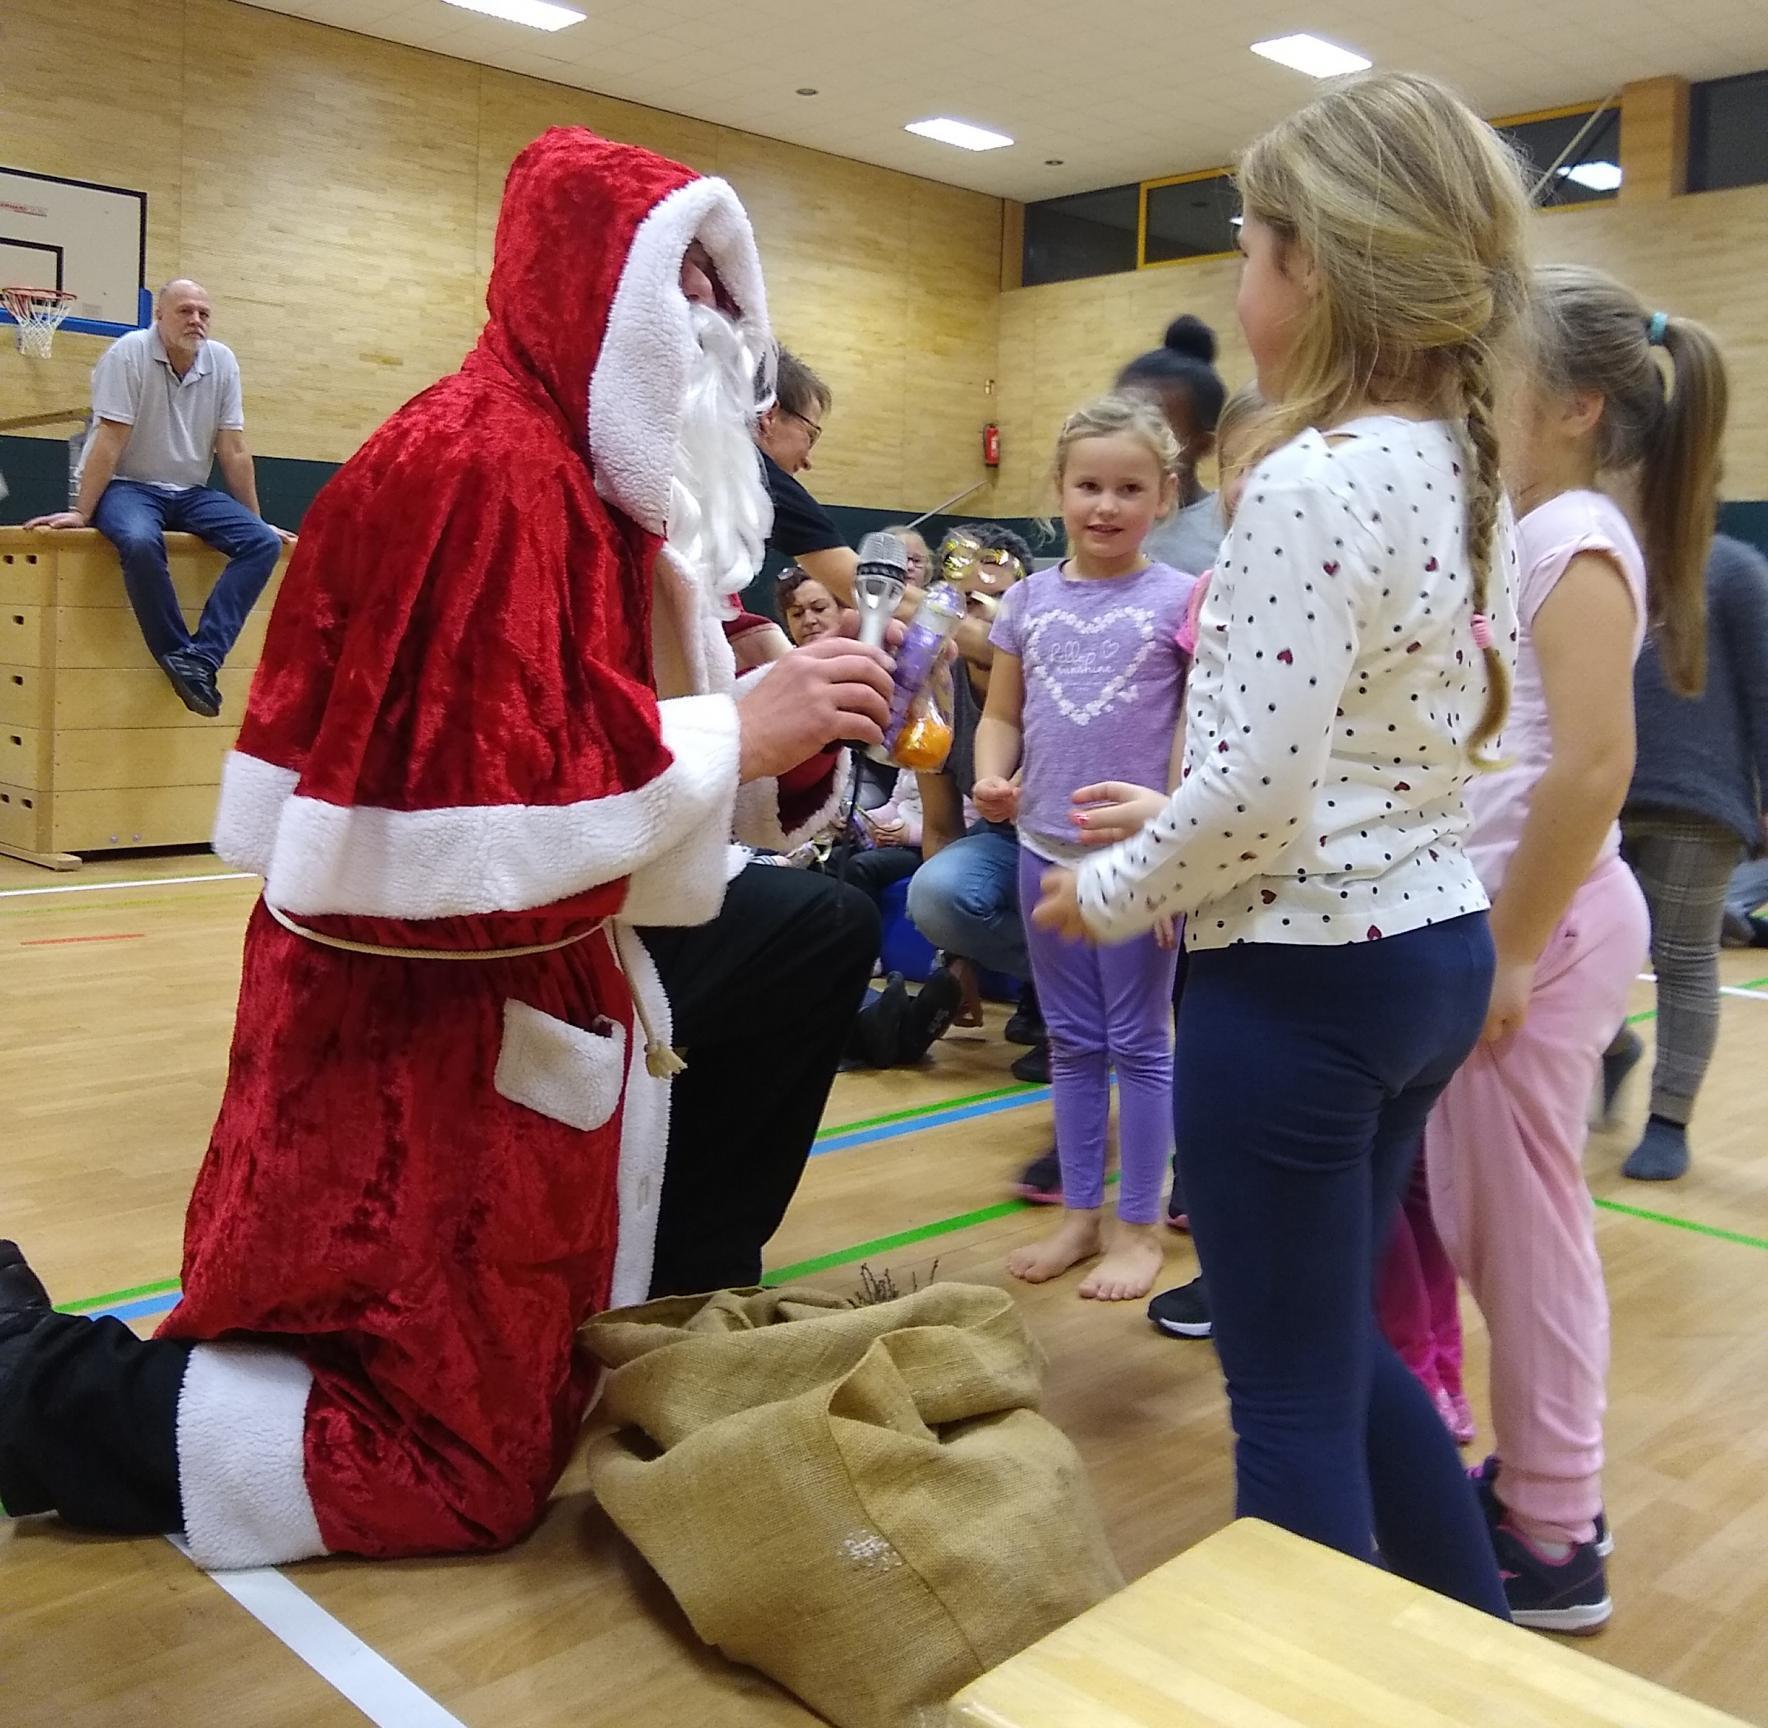 Das Beste zum Schluss: der Nikolaus verteilt seine Päckchen.